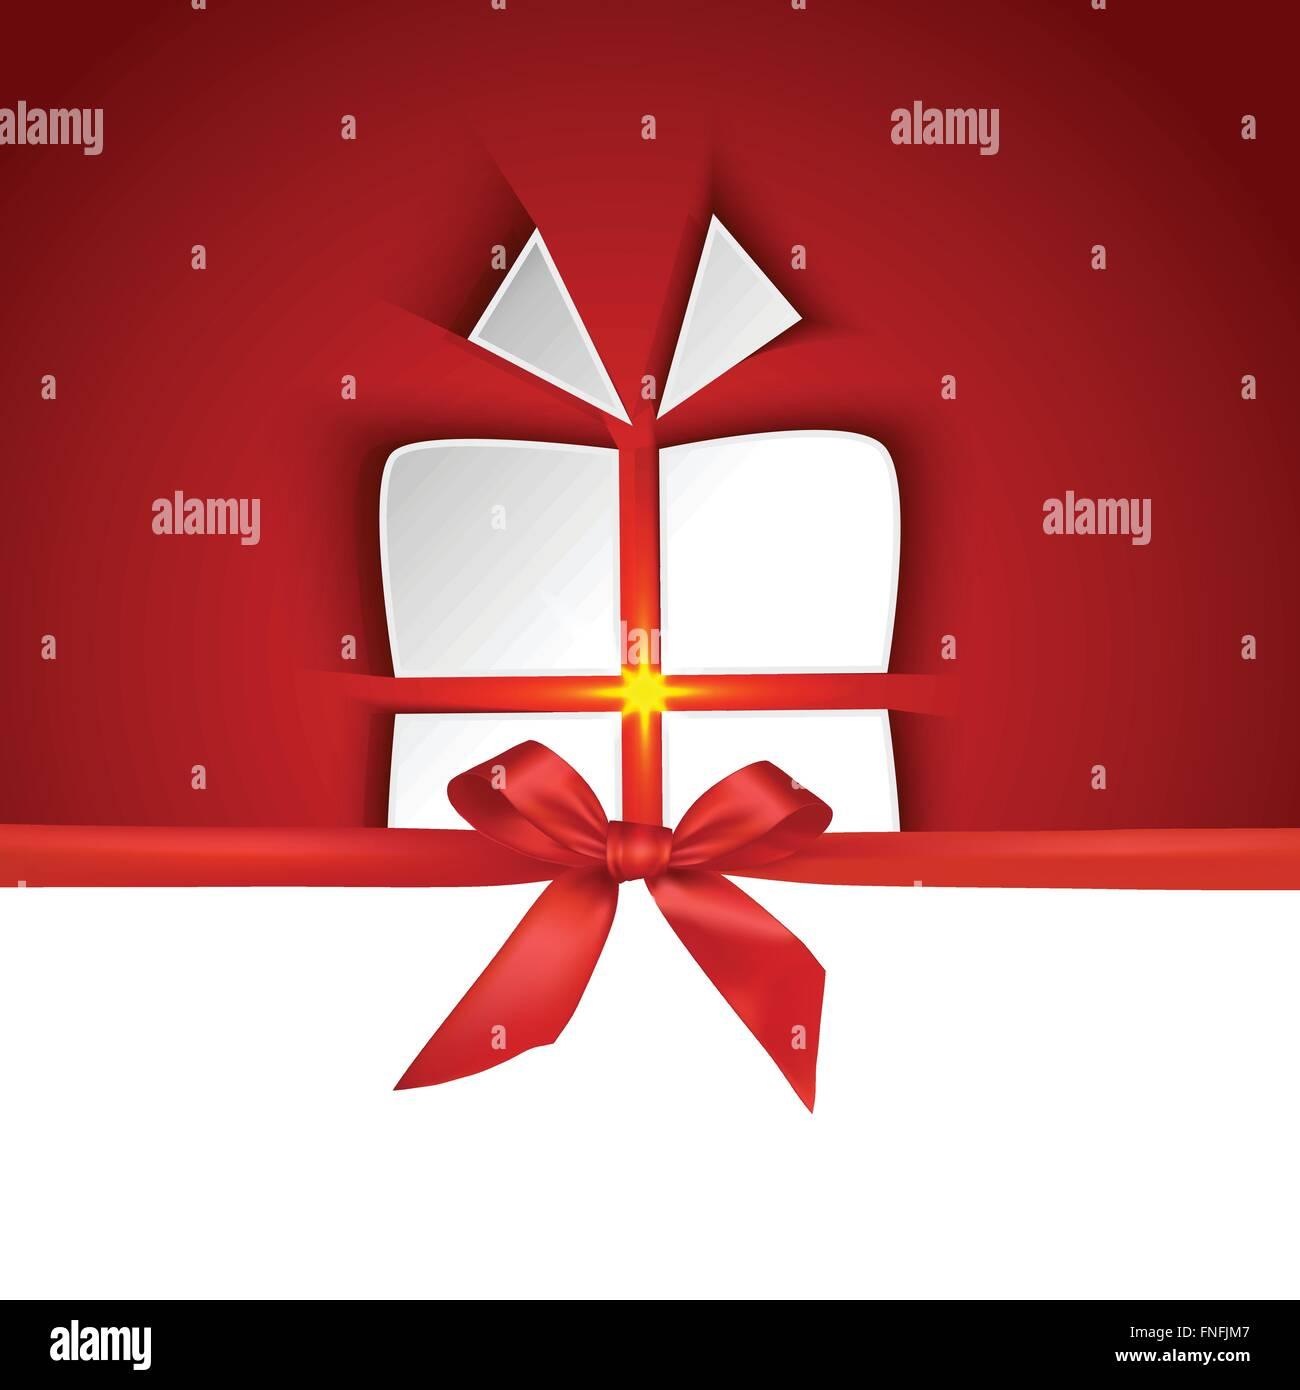 En forma de caja de regalo con cinta roja y efecto de sombra sobre fondo rojo. Imagen De Stock